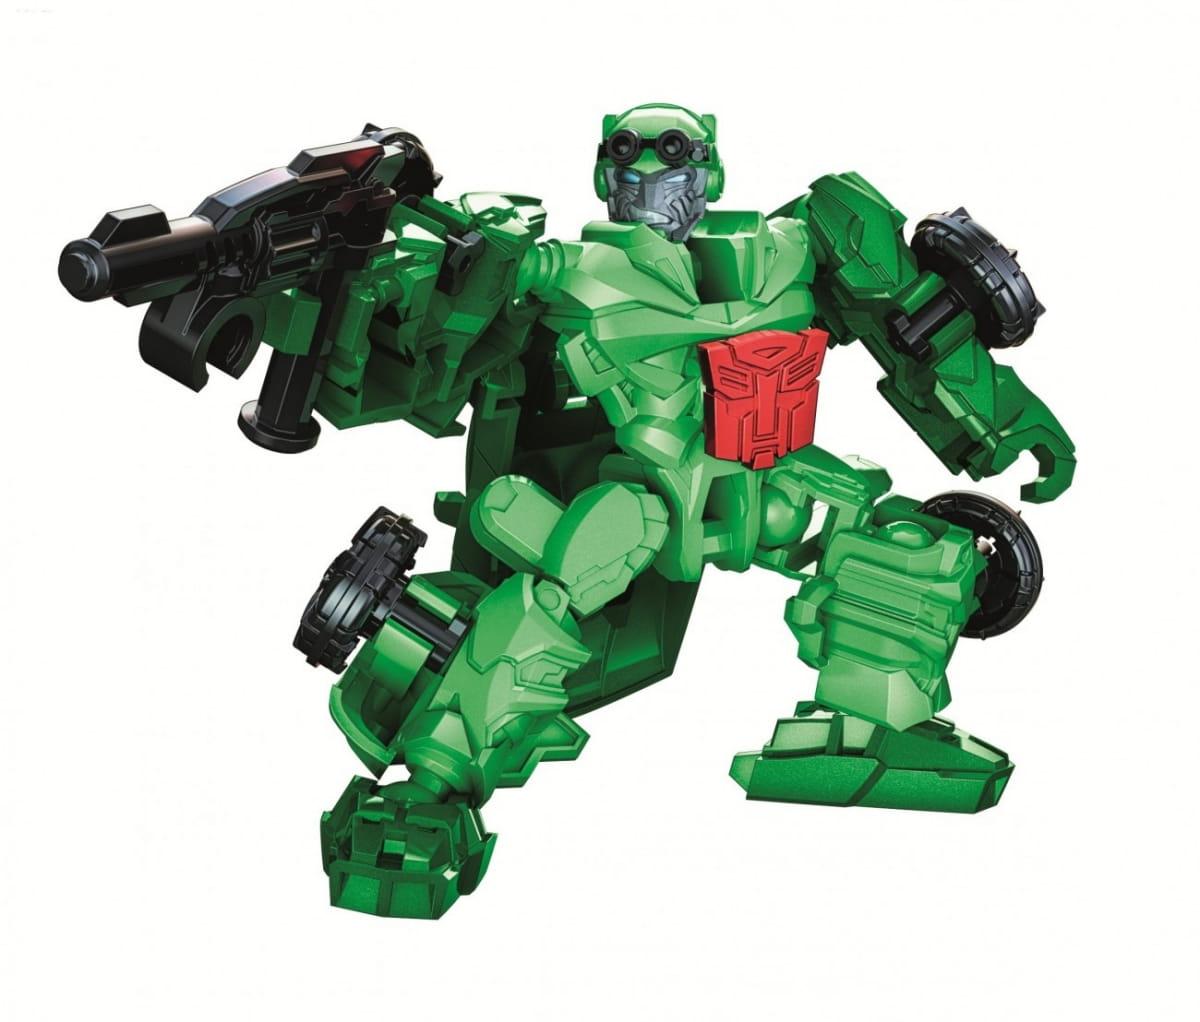 Робот Transformers Констракт Боты  Наездники (Hasbro) - Другие мультфильмы